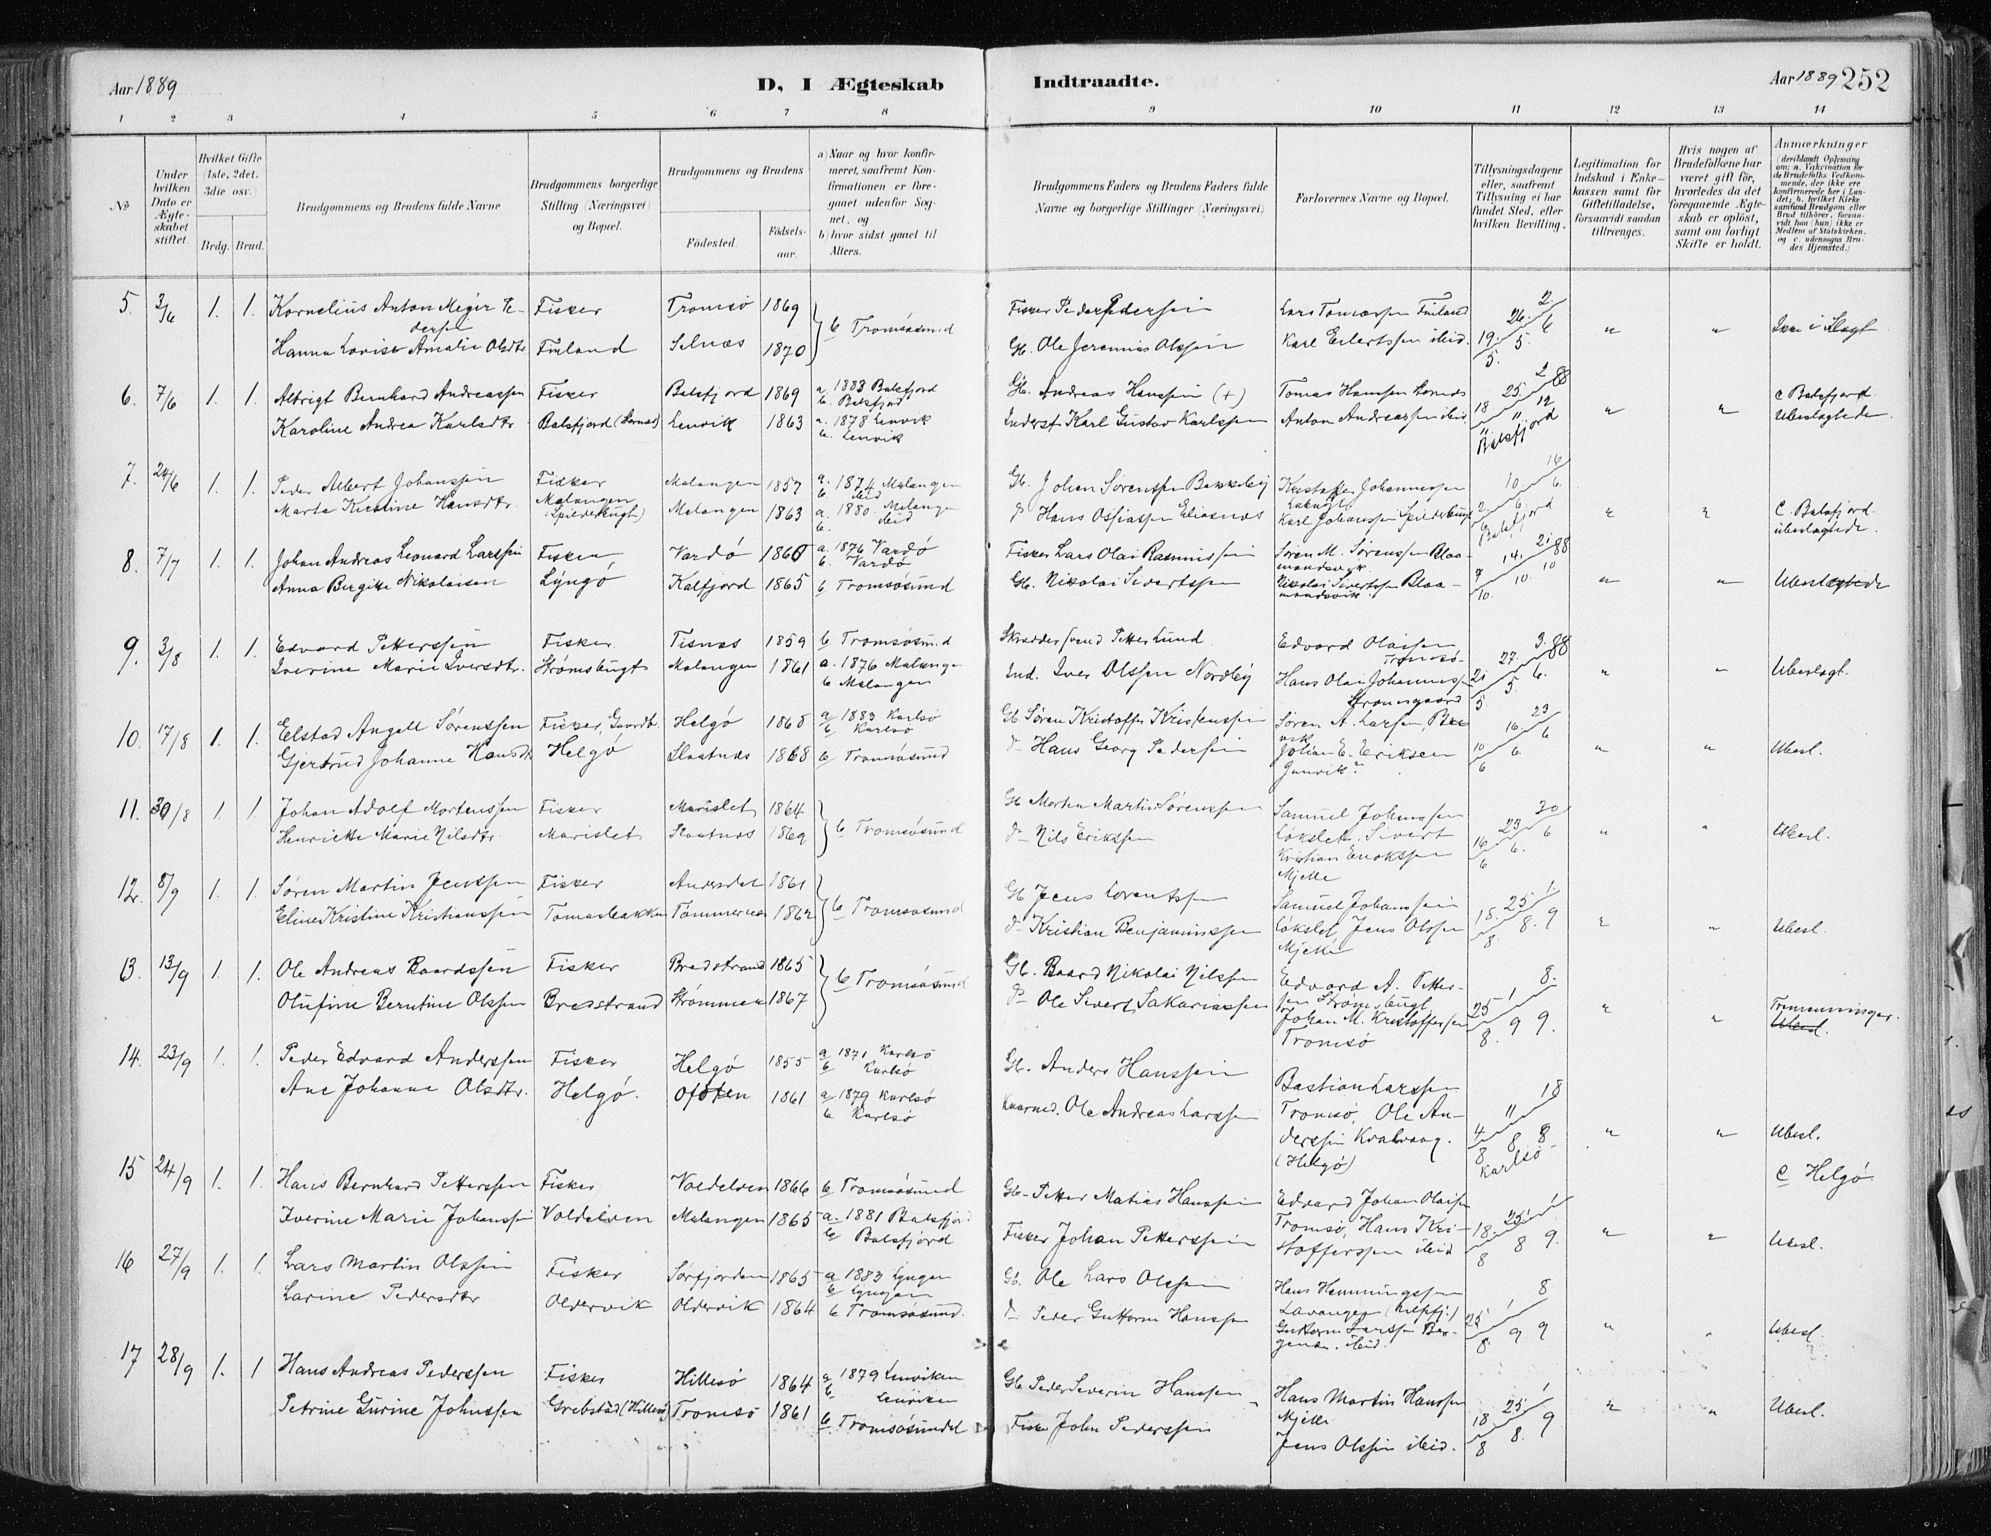 SATØ, Tromsøysund sokneprestkontor, G/Ga/L0005kirke: Ministerialbok nr. 5, 1888-1896, s. 252